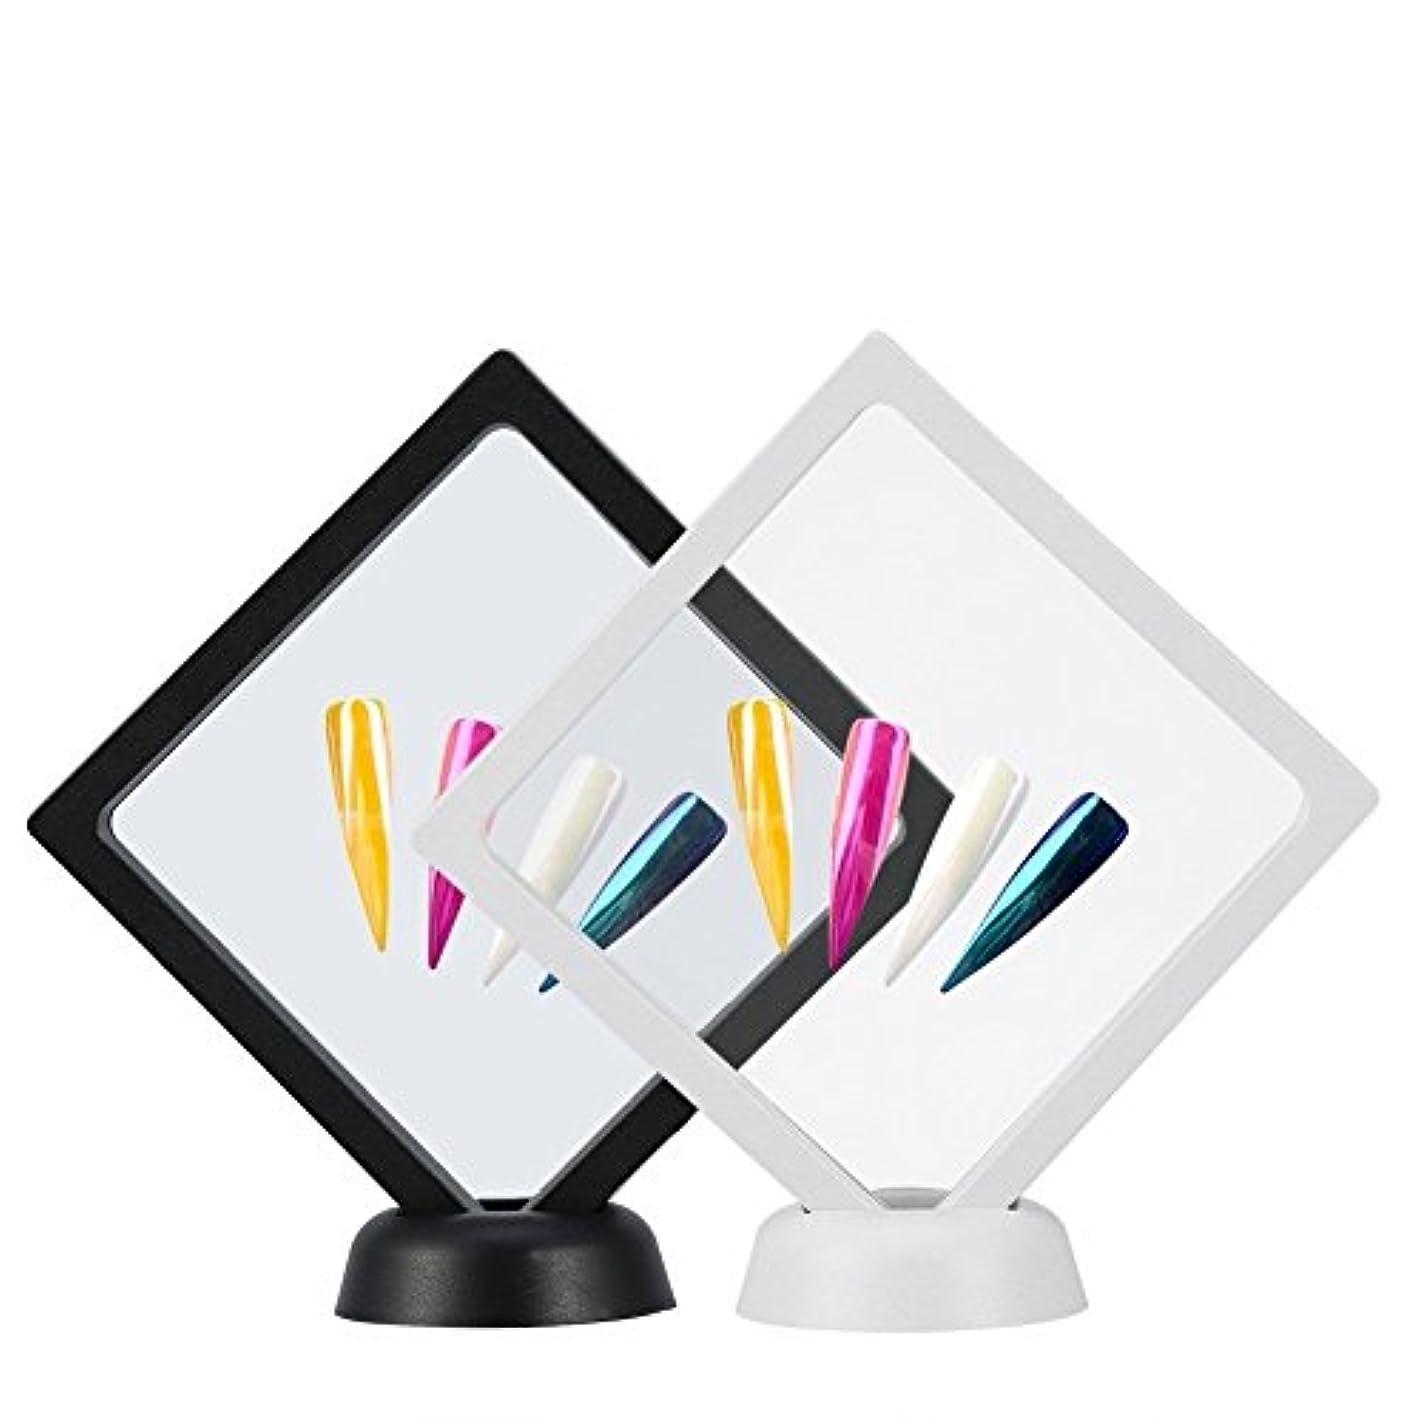 神社無一文すべきYosoo 2個入り ネイルチップ ディスプレイ スタンド マニキュア ネイルサンプル ホルダー ネイルカラーチャート ネイルテンプレート ネイルケア ネイルアートツール 組立て式 白+黒 展示用 自宅 サロン